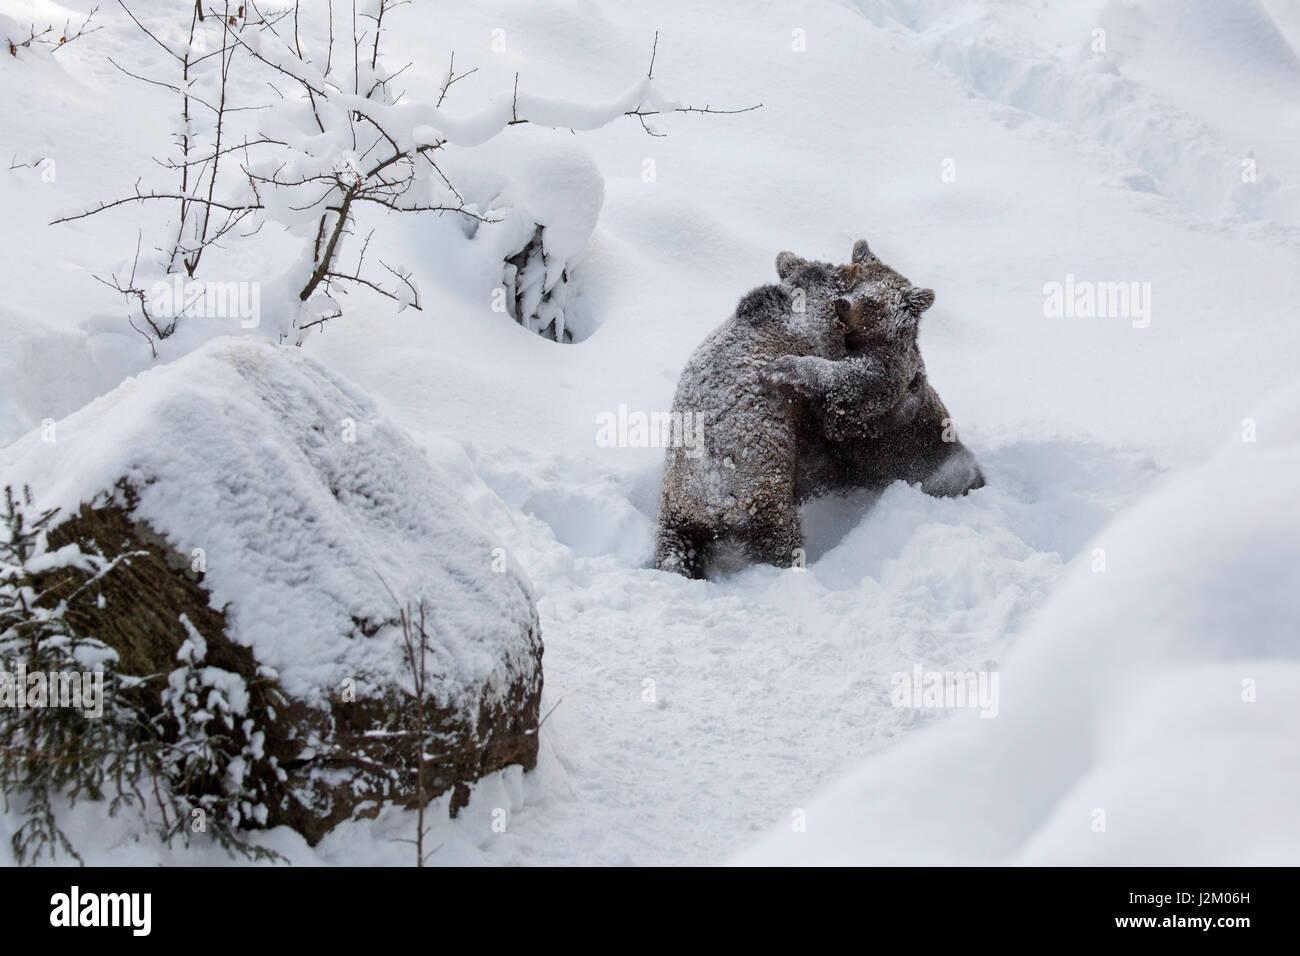 Zwei jungen in 1-Year-Old Braunbär (Ursus Arctos Arctos) spielen kämpfen im Schnee im winter Stockbild